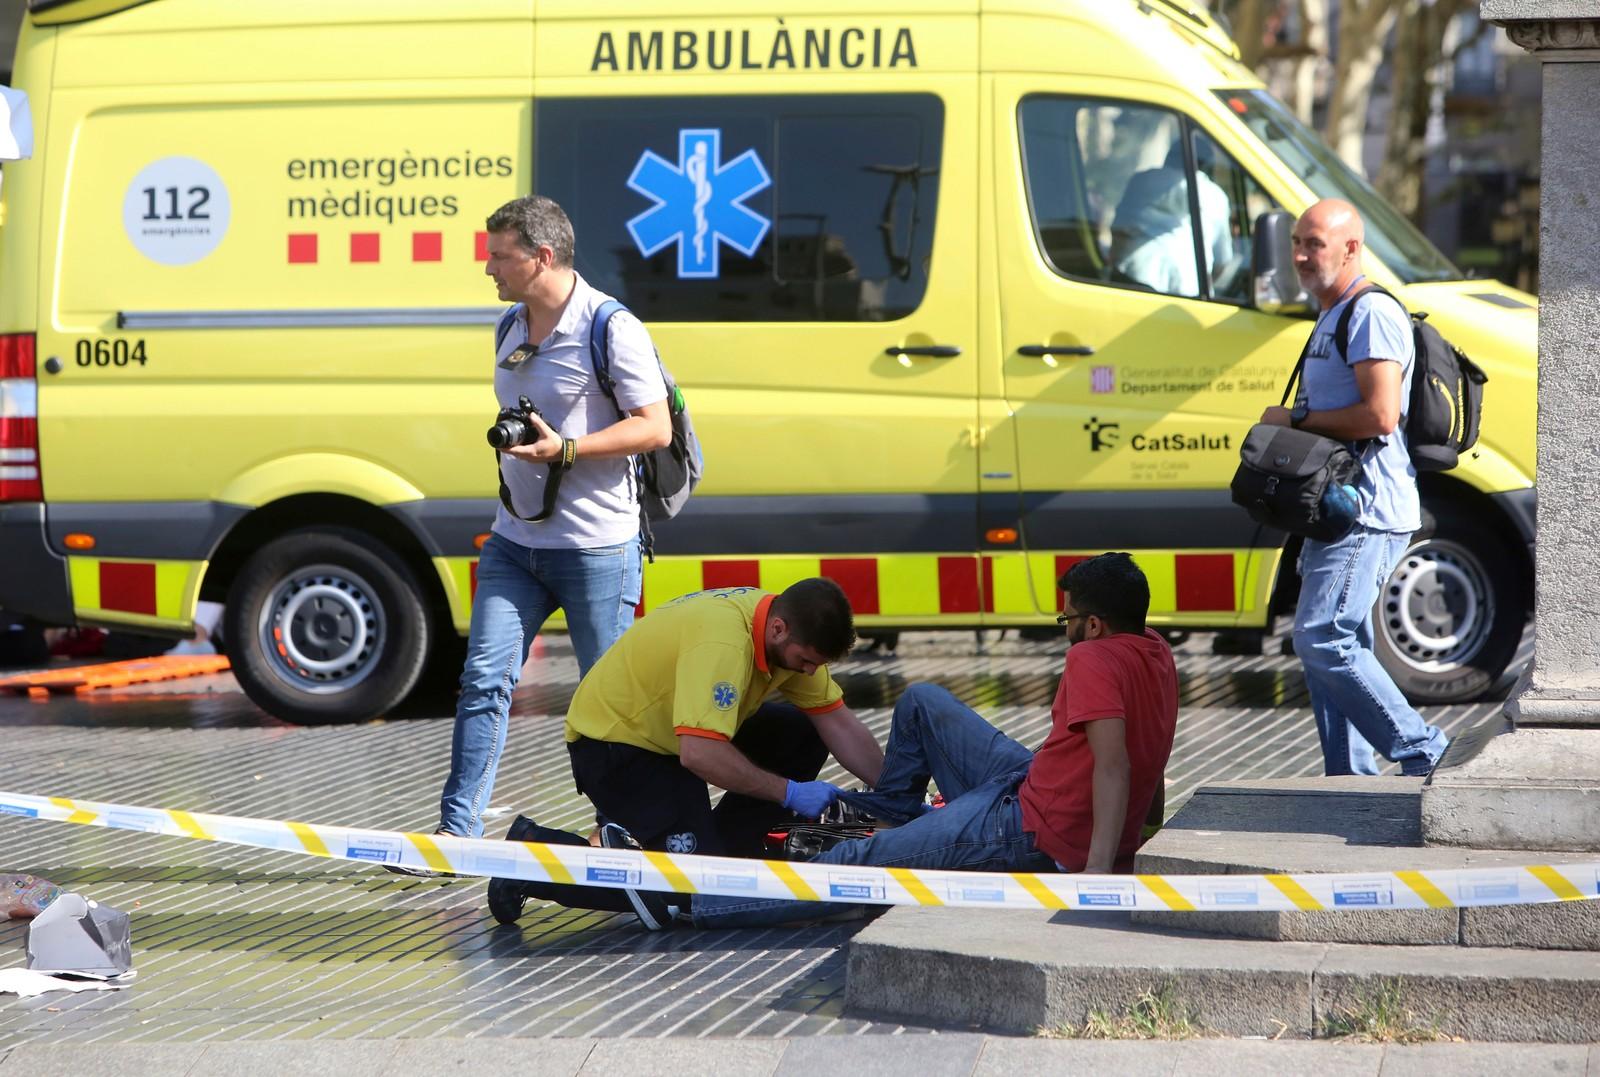 FLERE DREPTE OG SKADDE: Flere personer er drept og skadet etter at en varebil kjørte inn i en folkemengde i Barcelona, torsdag ettermiddag.